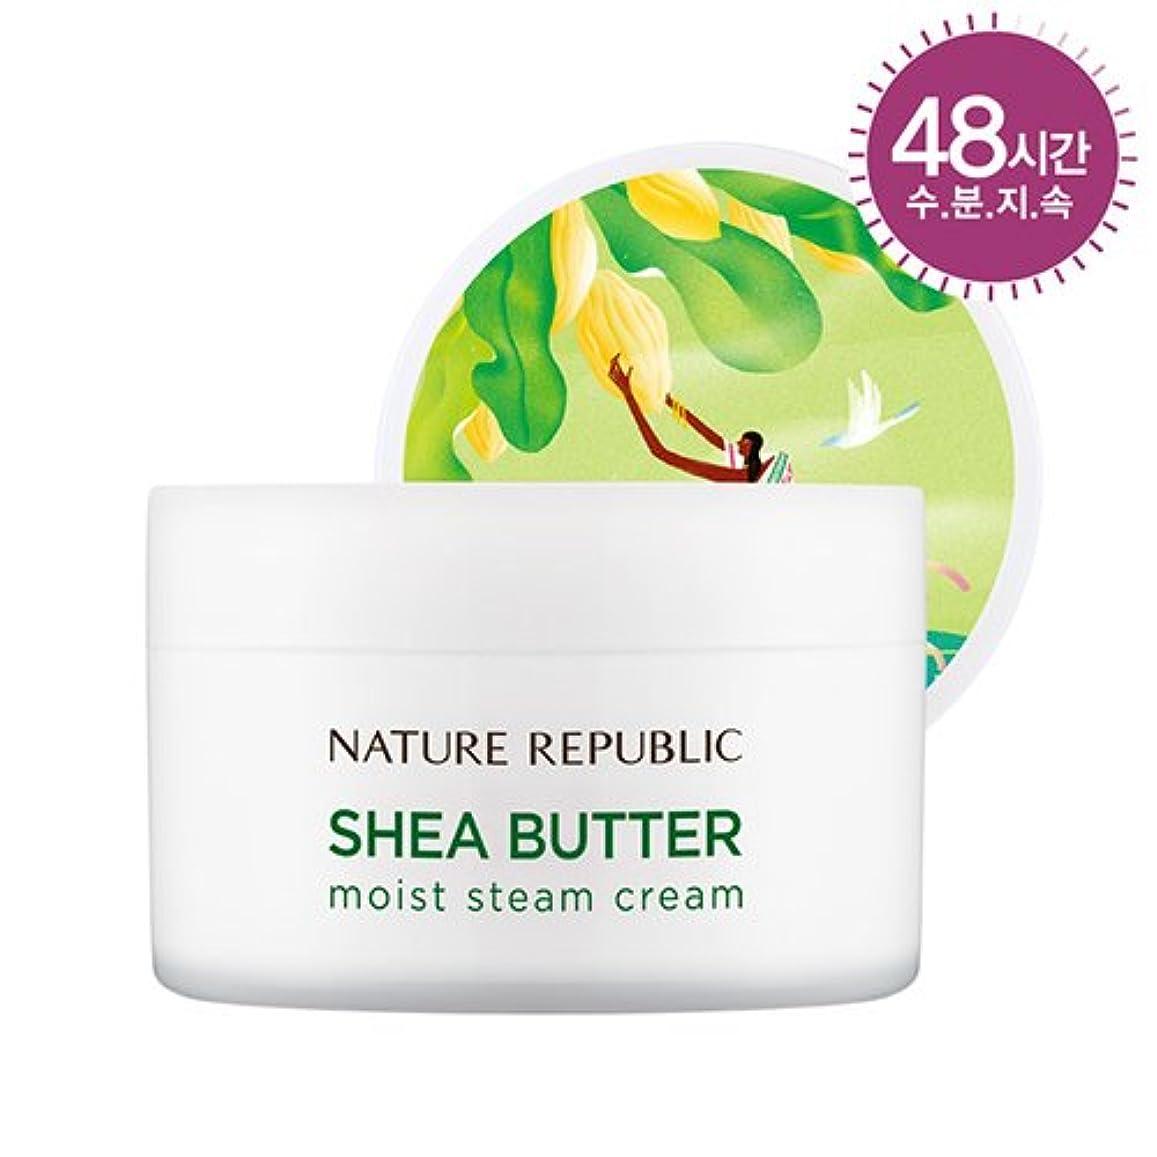 急勾配の防衛チャート[ネイチャーリパブリック] NATURE REPUBLIC [スチームクリーム 100ml] (Shea Butter Steam Cream 100ml) (02 Moist Steam Cream) [並行輸入品]